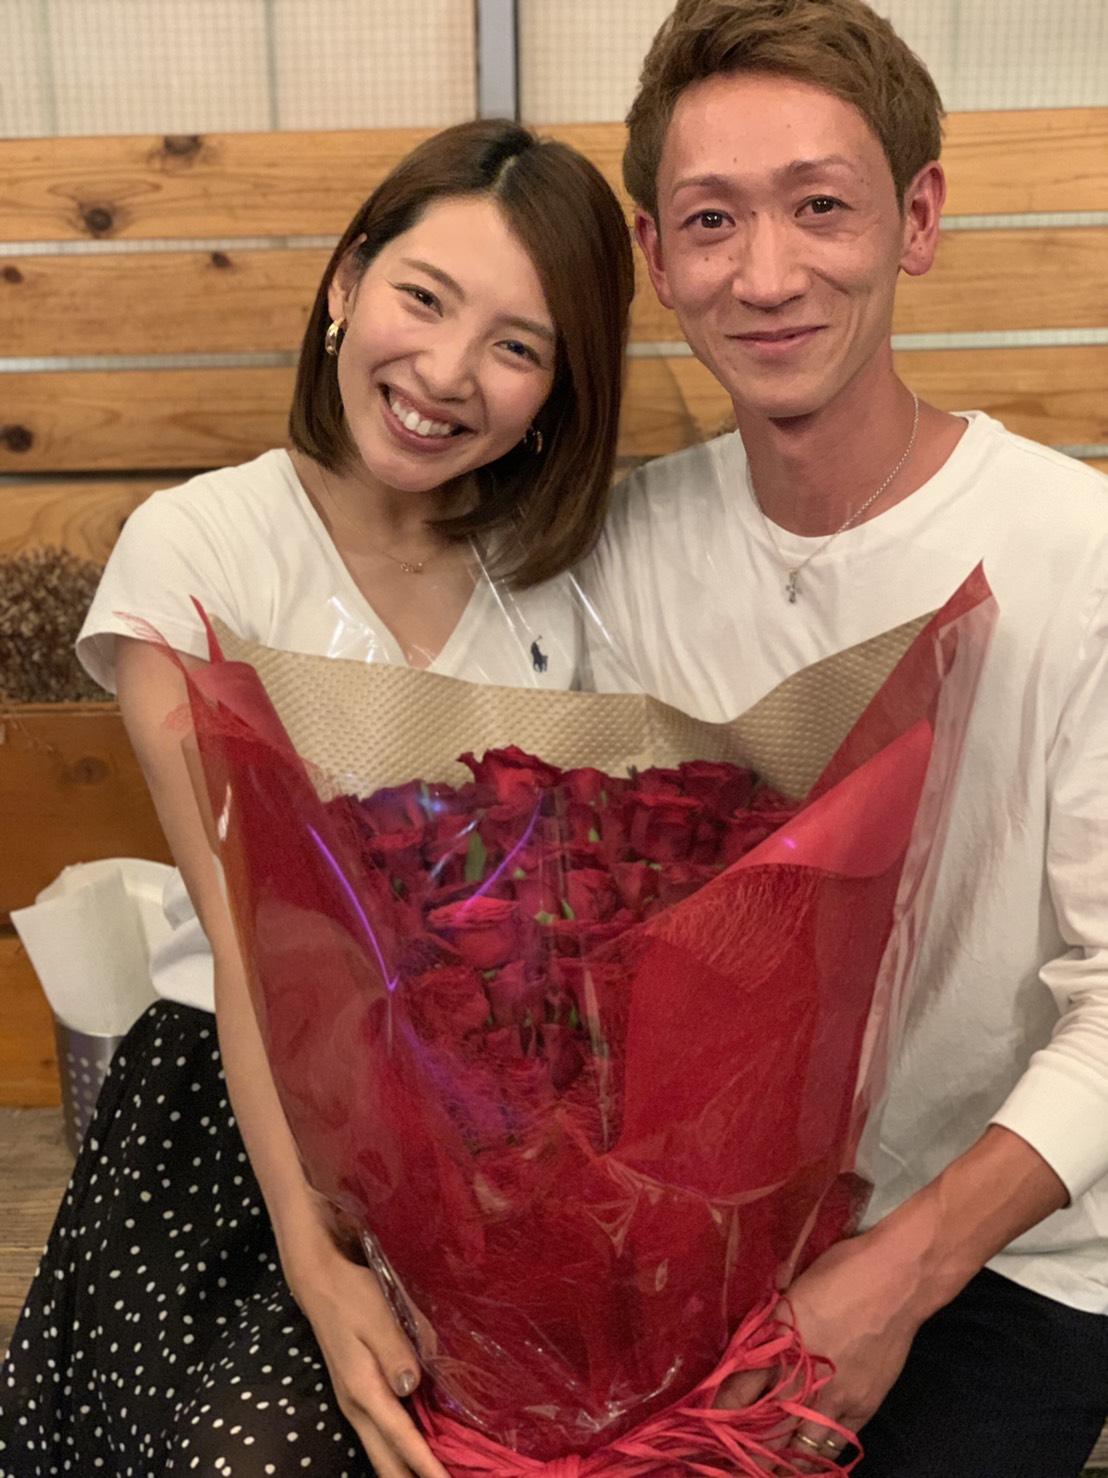 結婚することが明らかになった土屋南(左)と佐藤翼